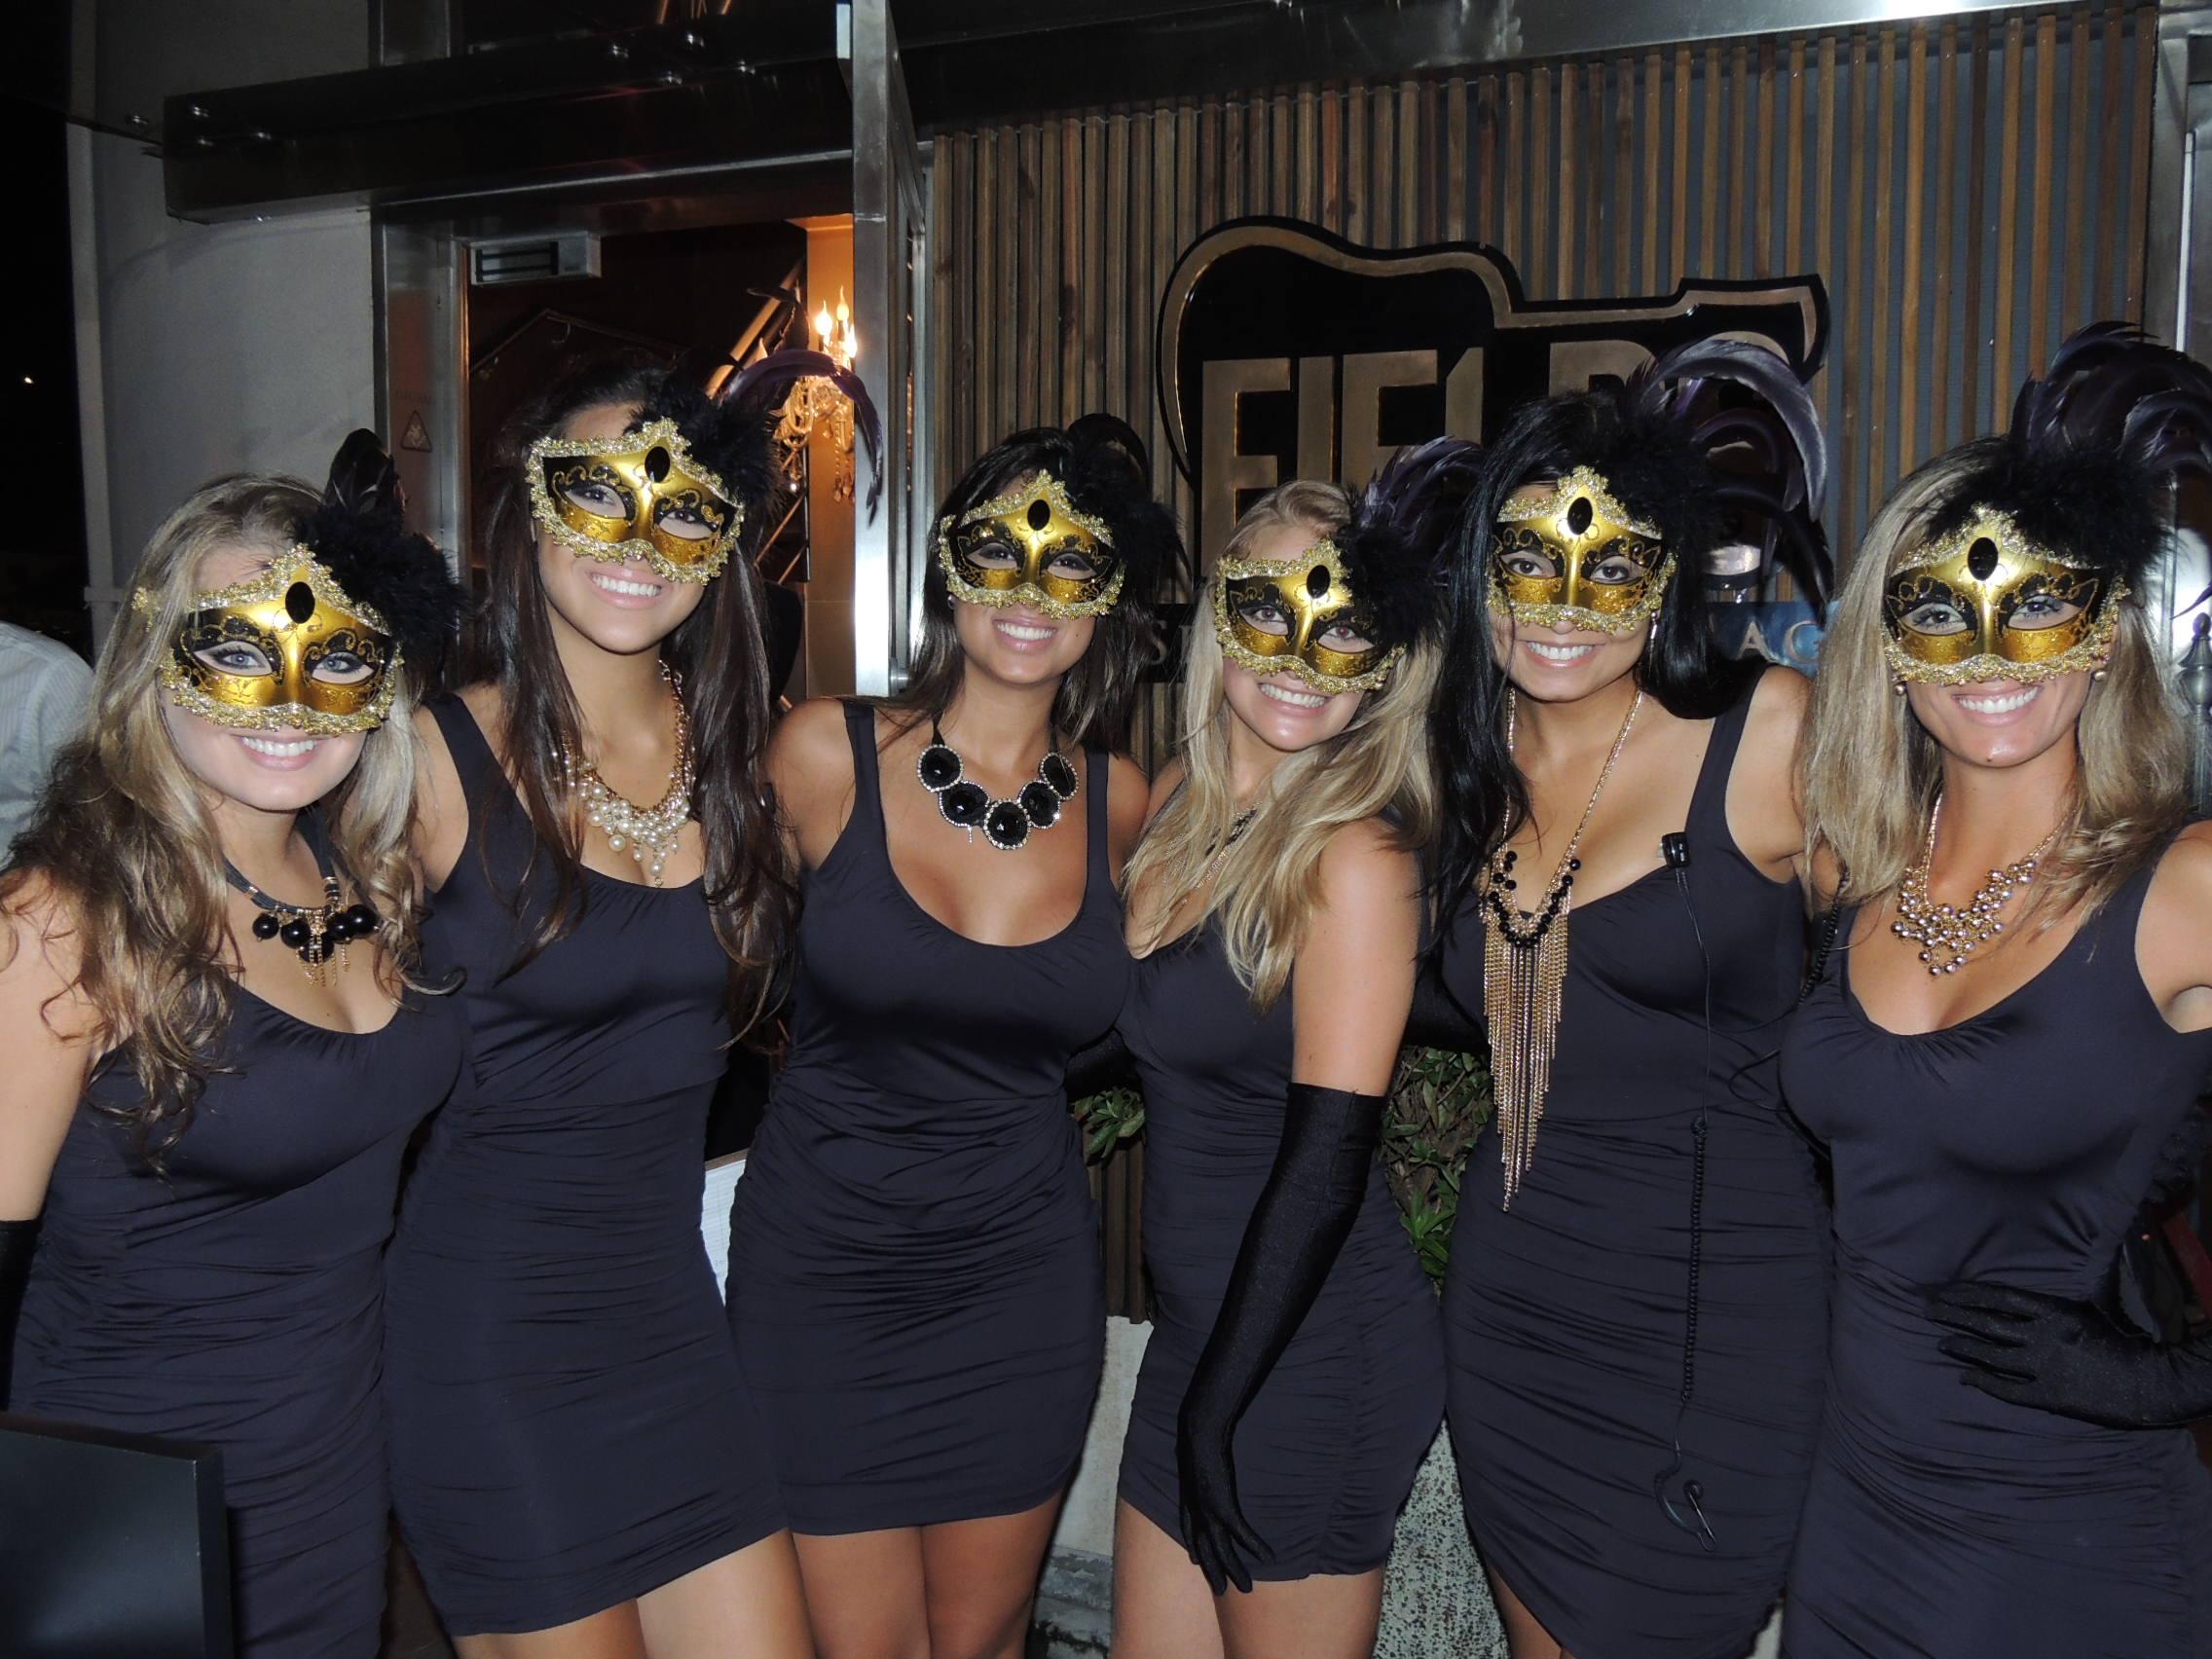 12/2/2013 - Musas em baile de máscaras e fantasias em Florianópolis